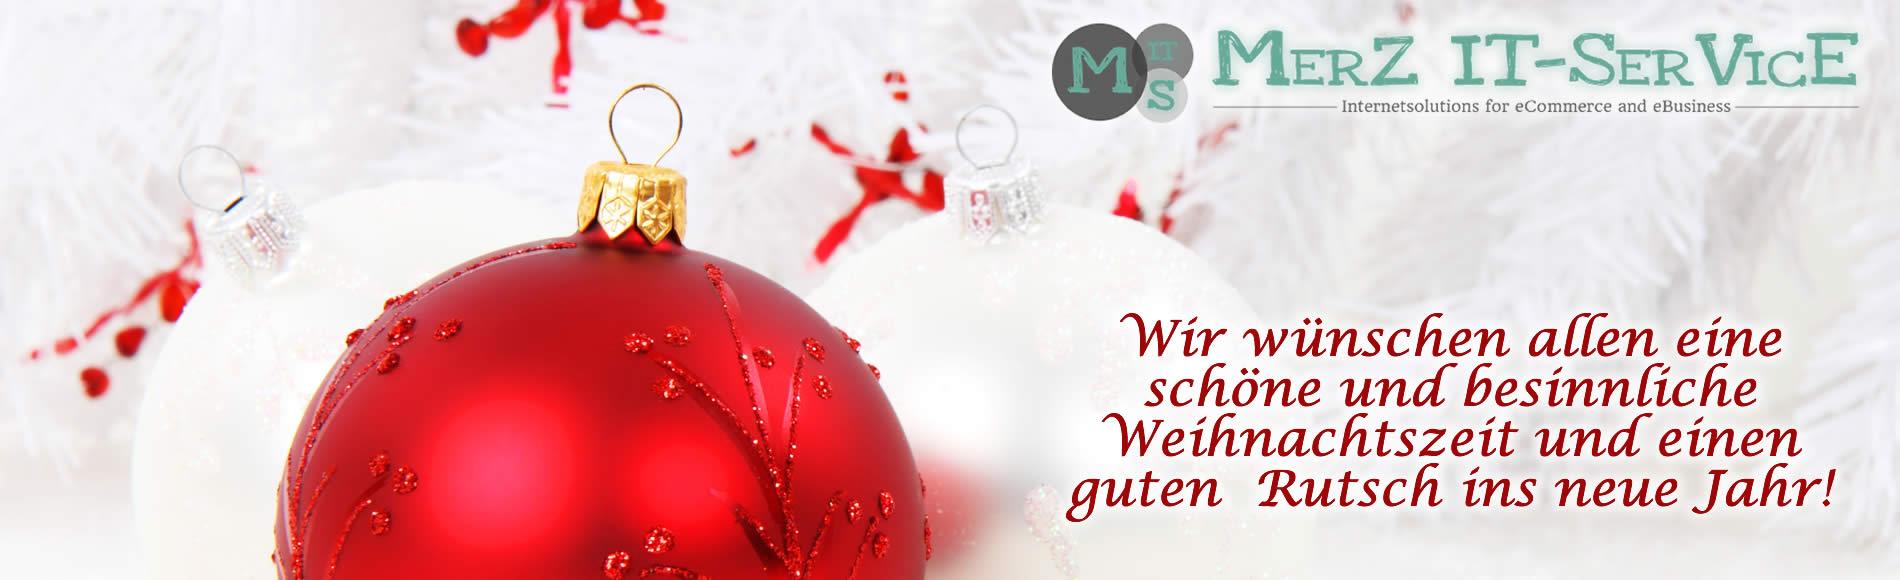 Besinnliche Weihnachten Und Einen Guten Rutsch Ins Neue Jahr.Fröhliche Weihnachten Und Einen Guten Rutsch Ins Neue Jahr